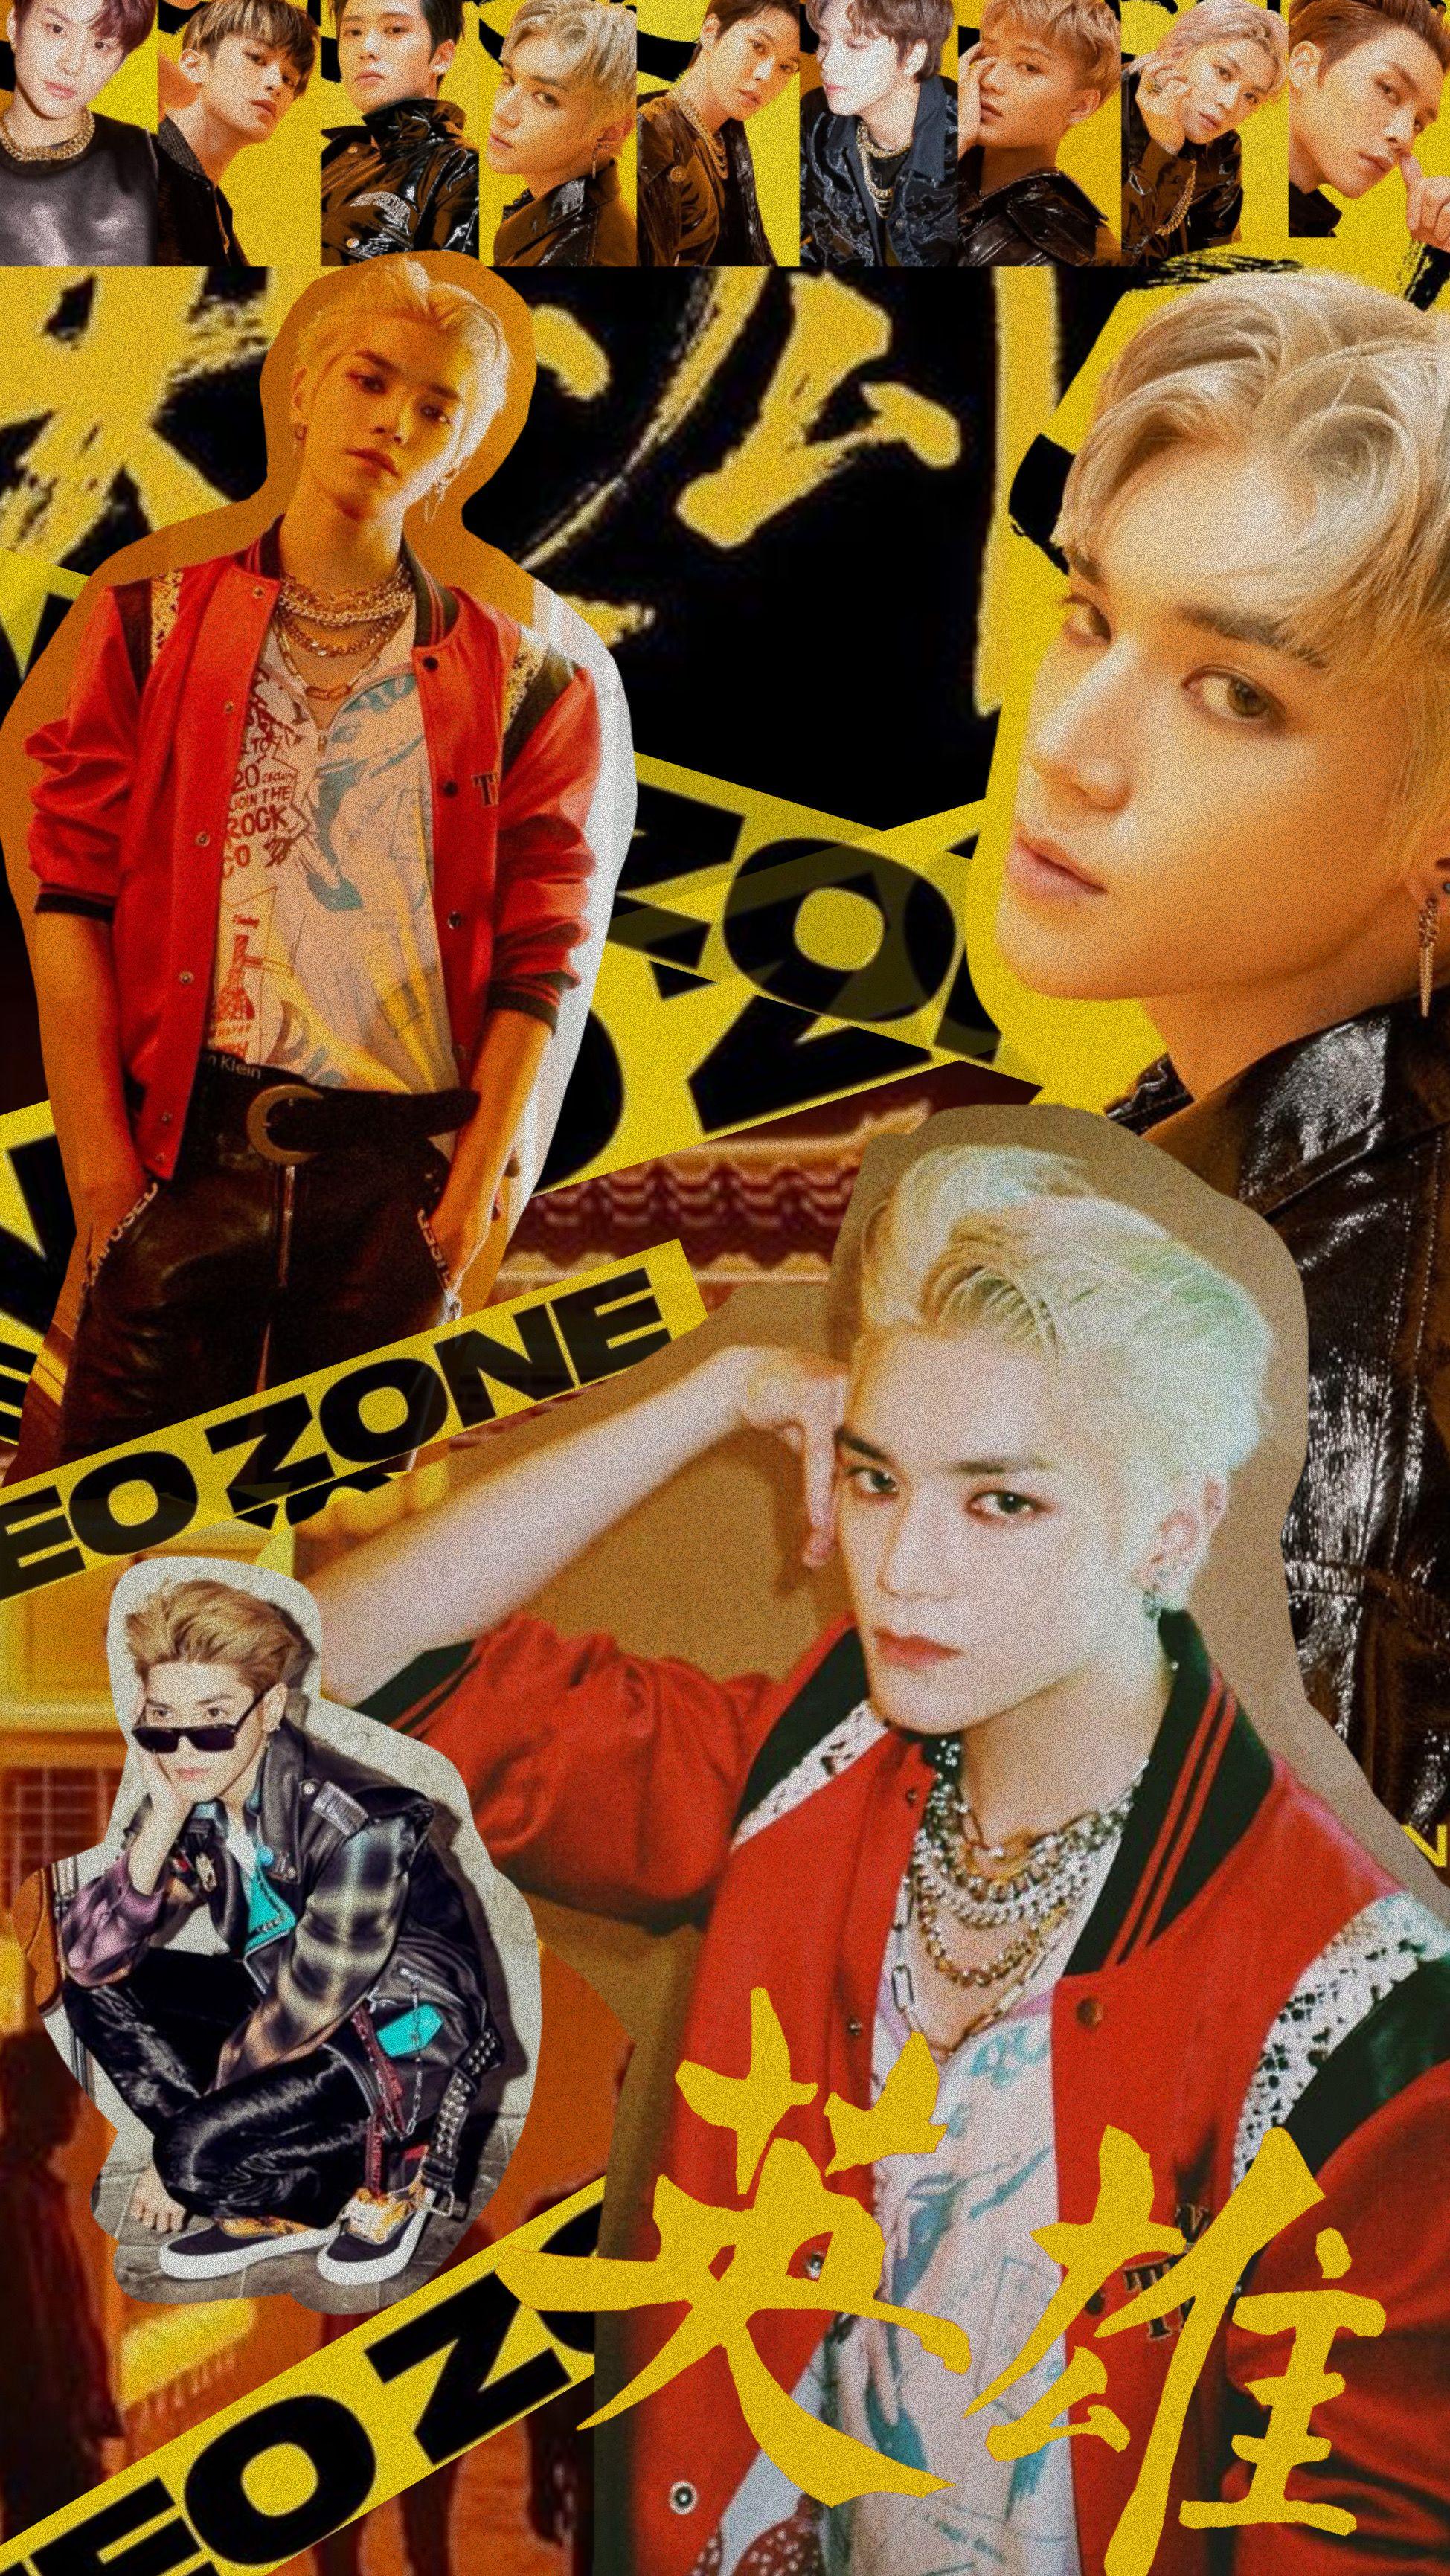 kick it wallpaper; taeyong version en 2020